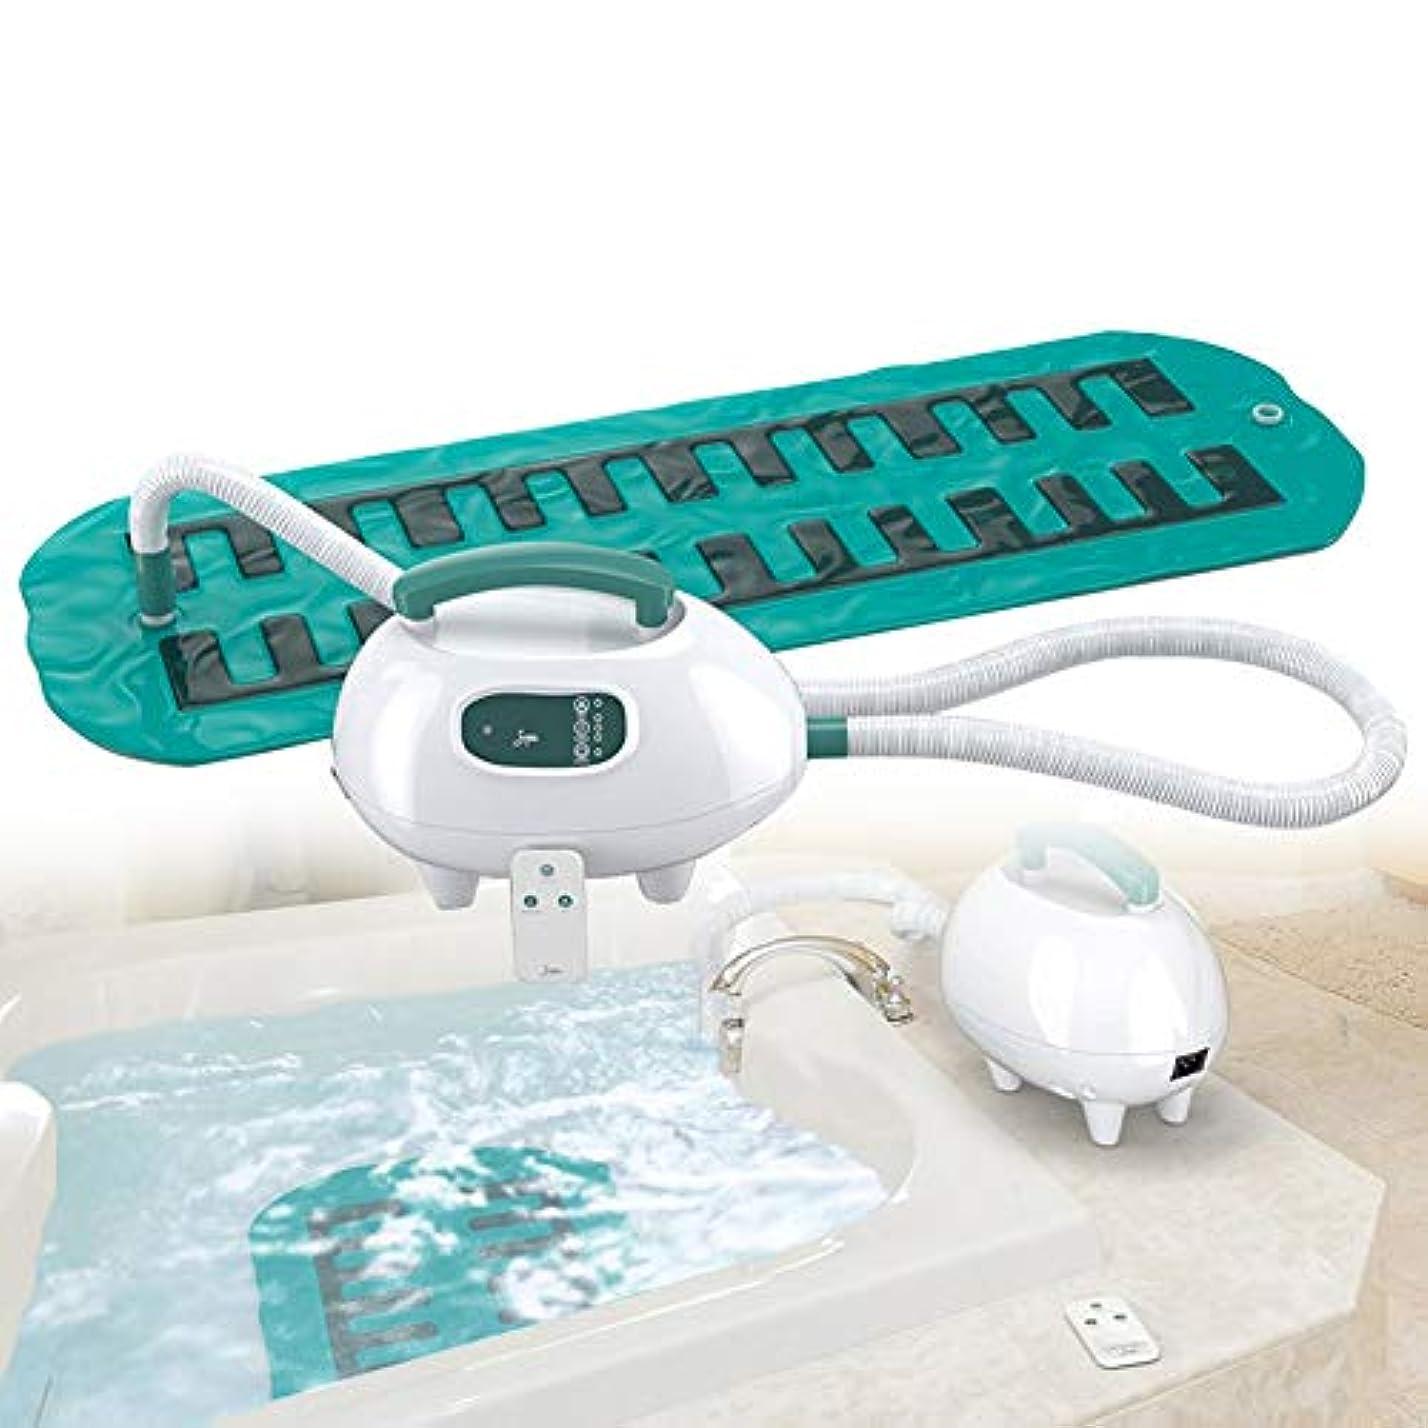 撤退慣らすますます贅沢 スパ バブル 浴 浴槽 マッサージ師、 ポータブル スパ 空気 浴槽 防水 滑り止め マット にとって くつろぐ マッサージ 体 と 熱 強力な 3 速度 リモコン & サクションカップ 底